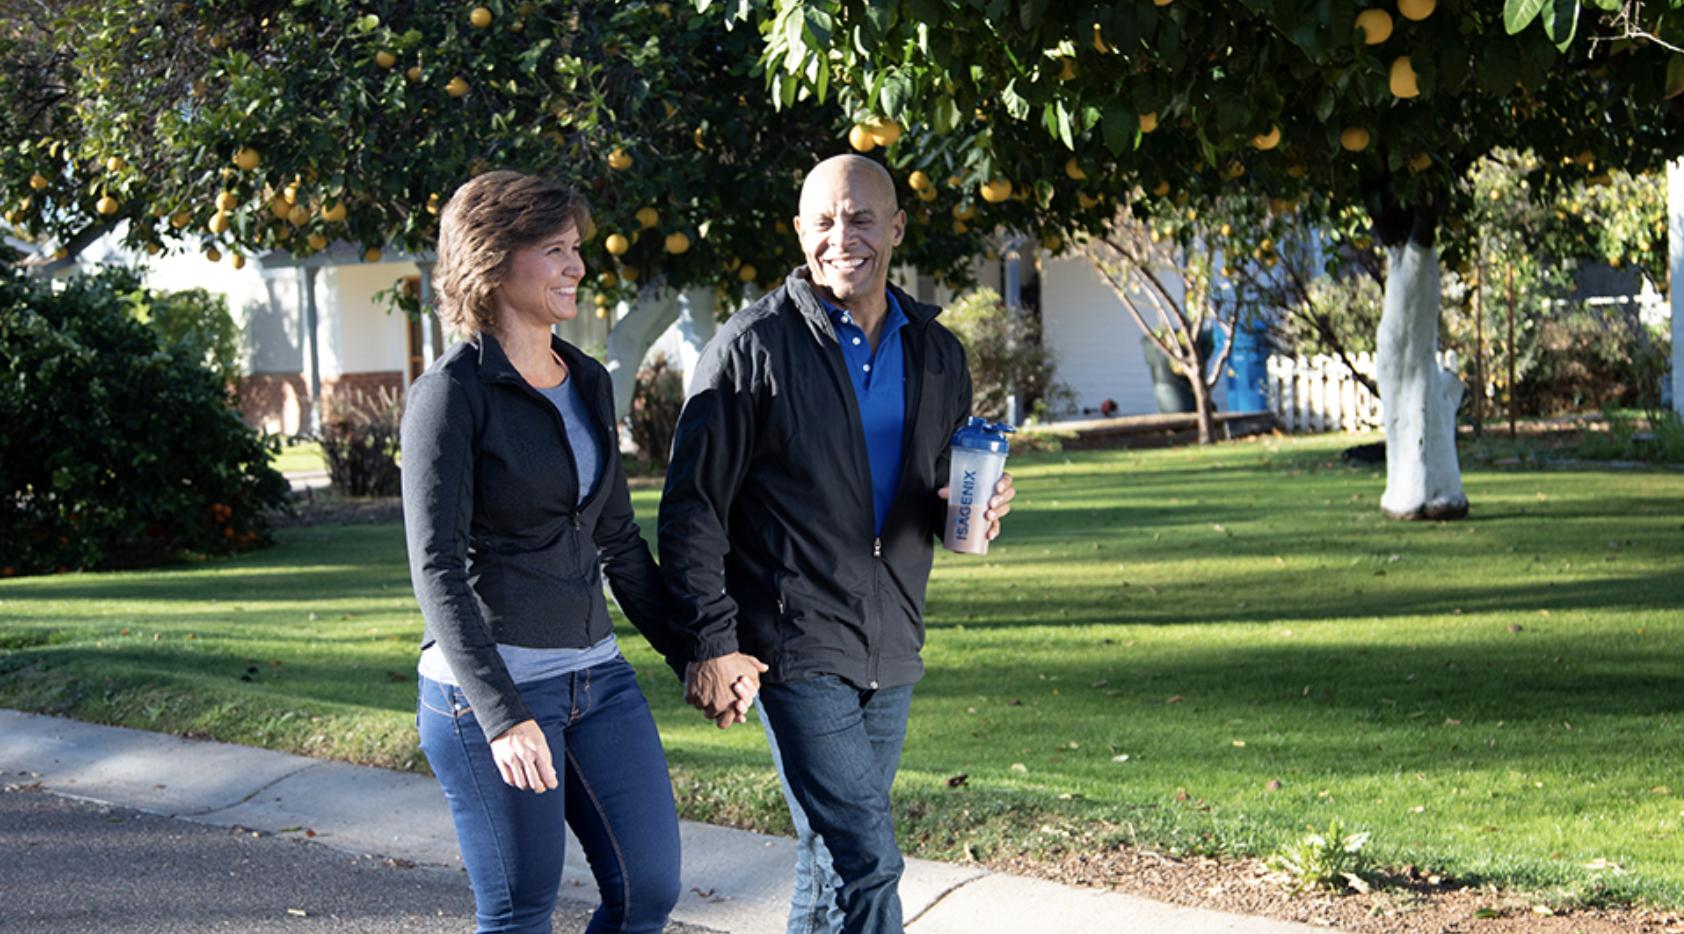 Couple walking outside